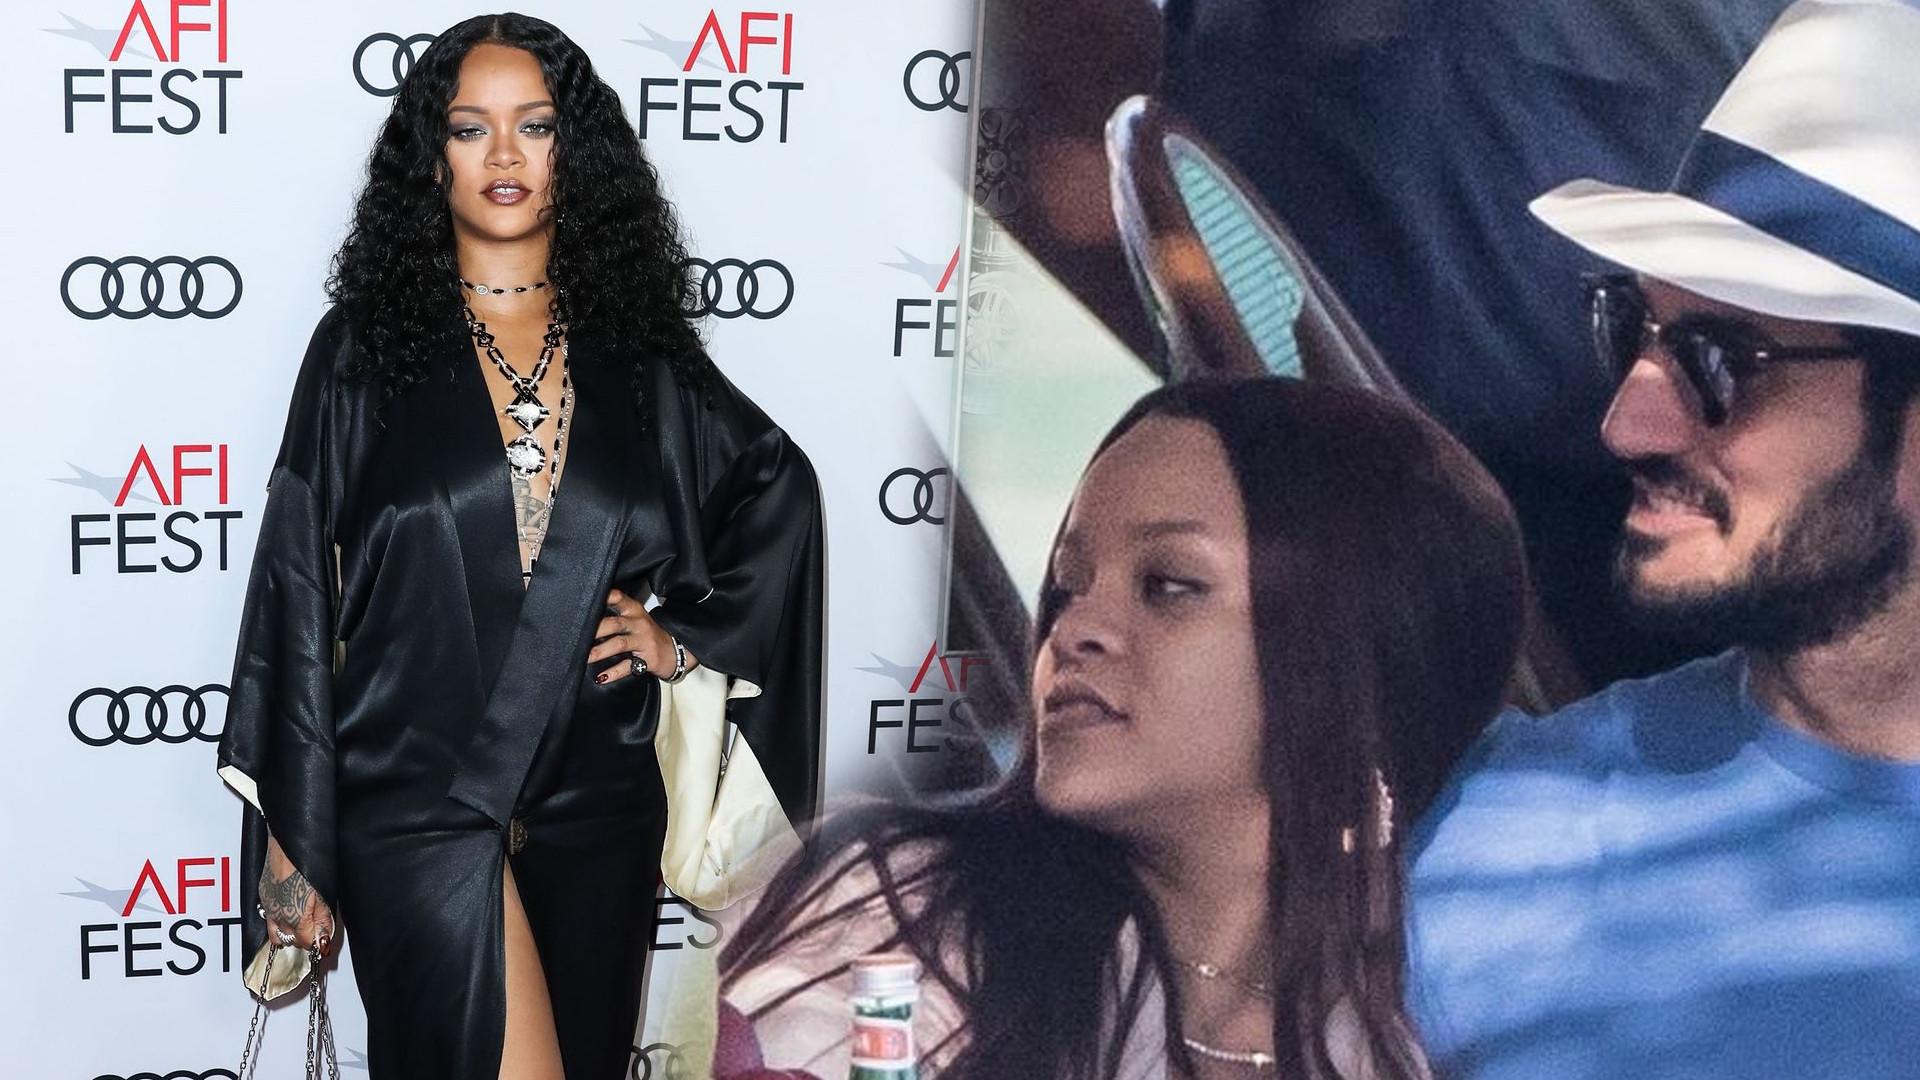 """Wiemy dlaczego Rihanna rozstała się z Hassanem Jameelem! Diva pozostała """"wierna sobie"""""""